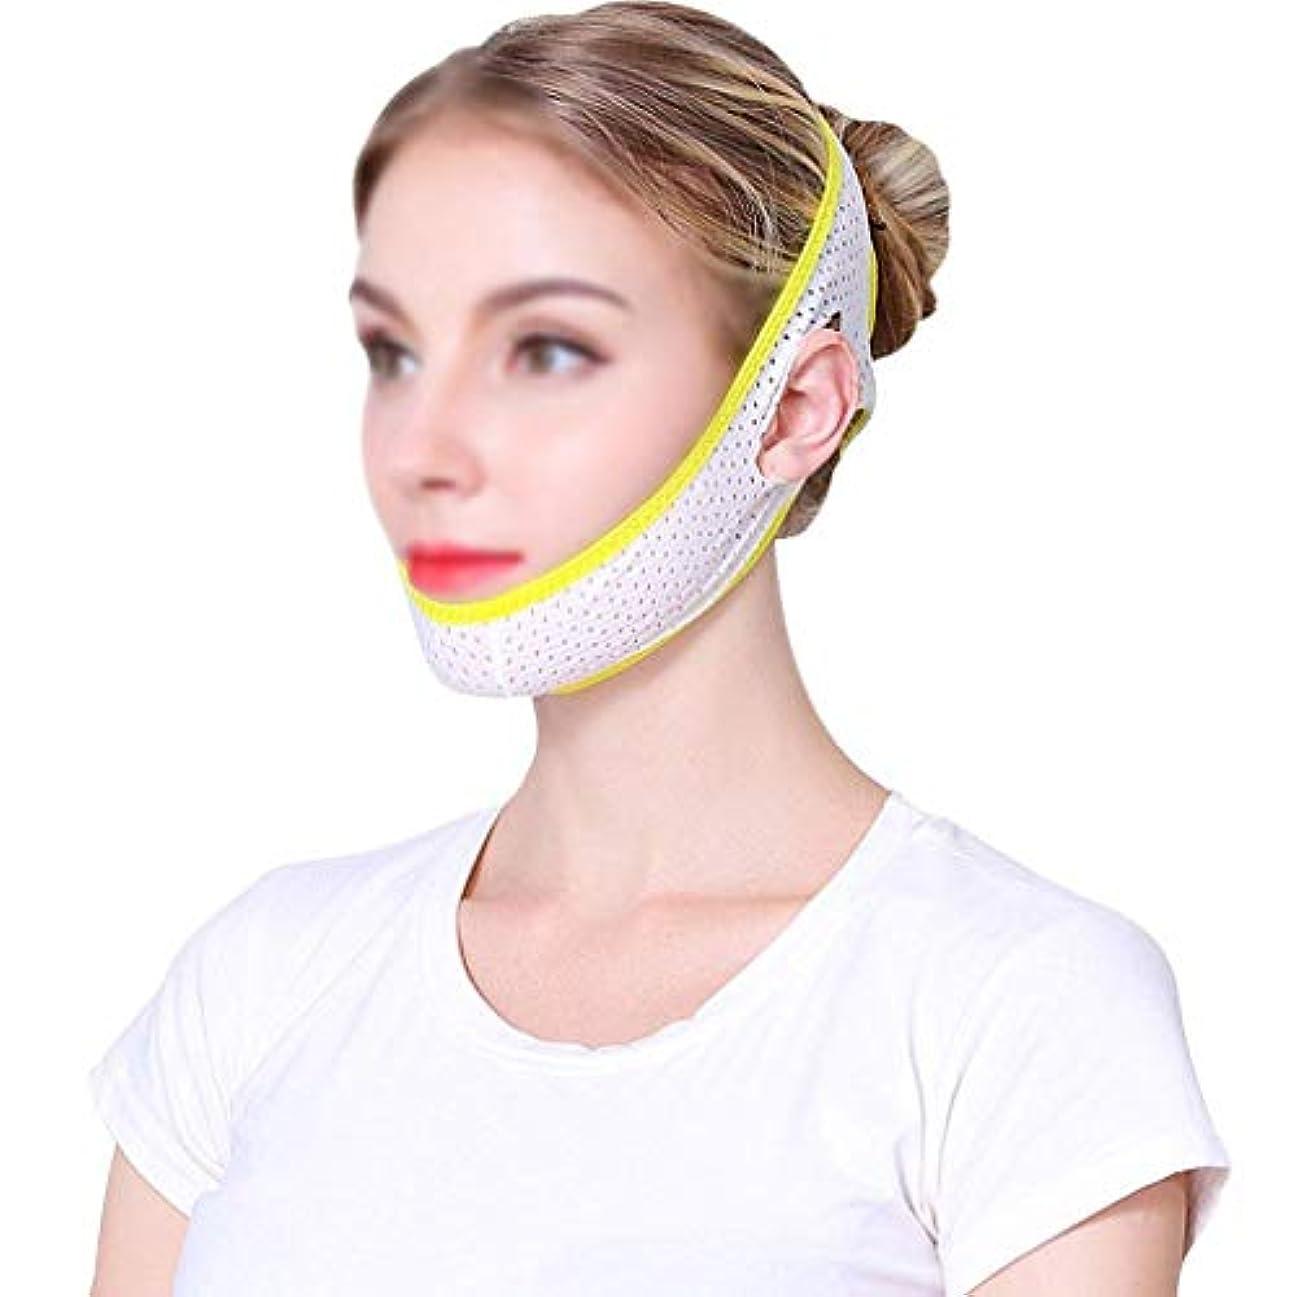 ポルティコバスタブプロフィールマスク、包帯、整形外科の夏の通気性の薄いセクション二重あごひものVの表面の薄いフェイスマスクを持ち上げて下さい